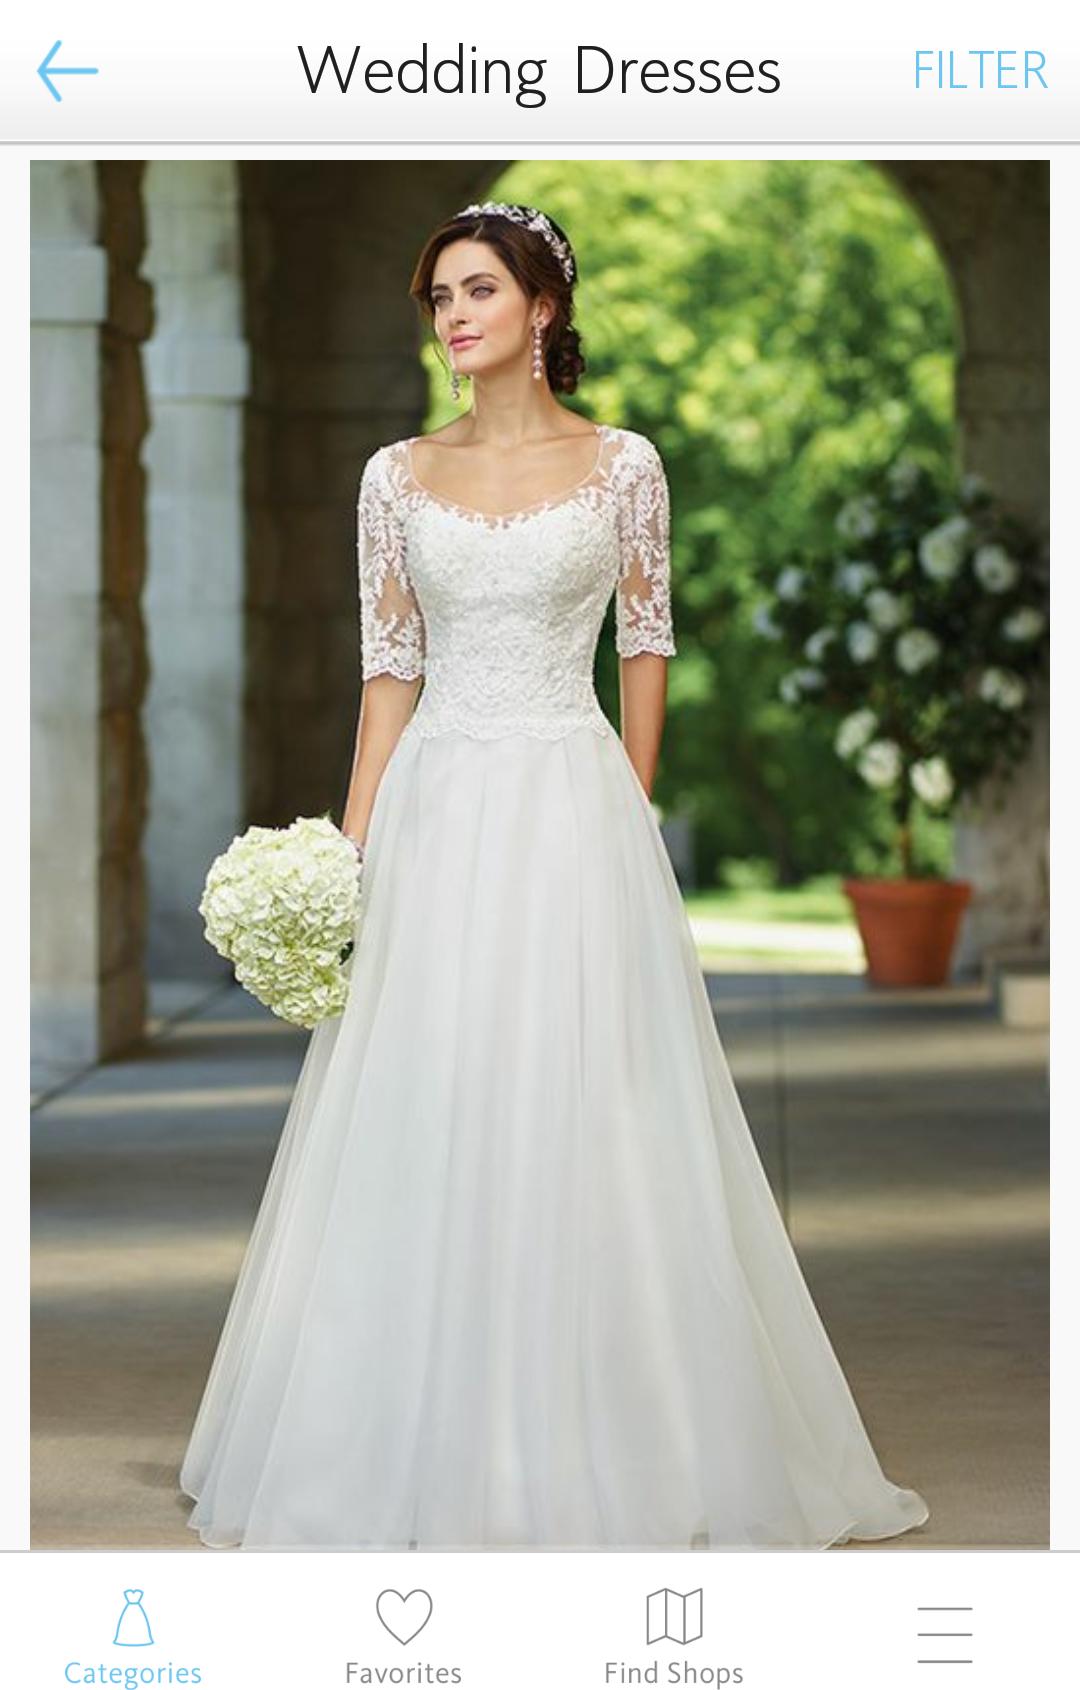 Aplicativos que te ajudam a organizar o casamento - Wedding dress lookbook